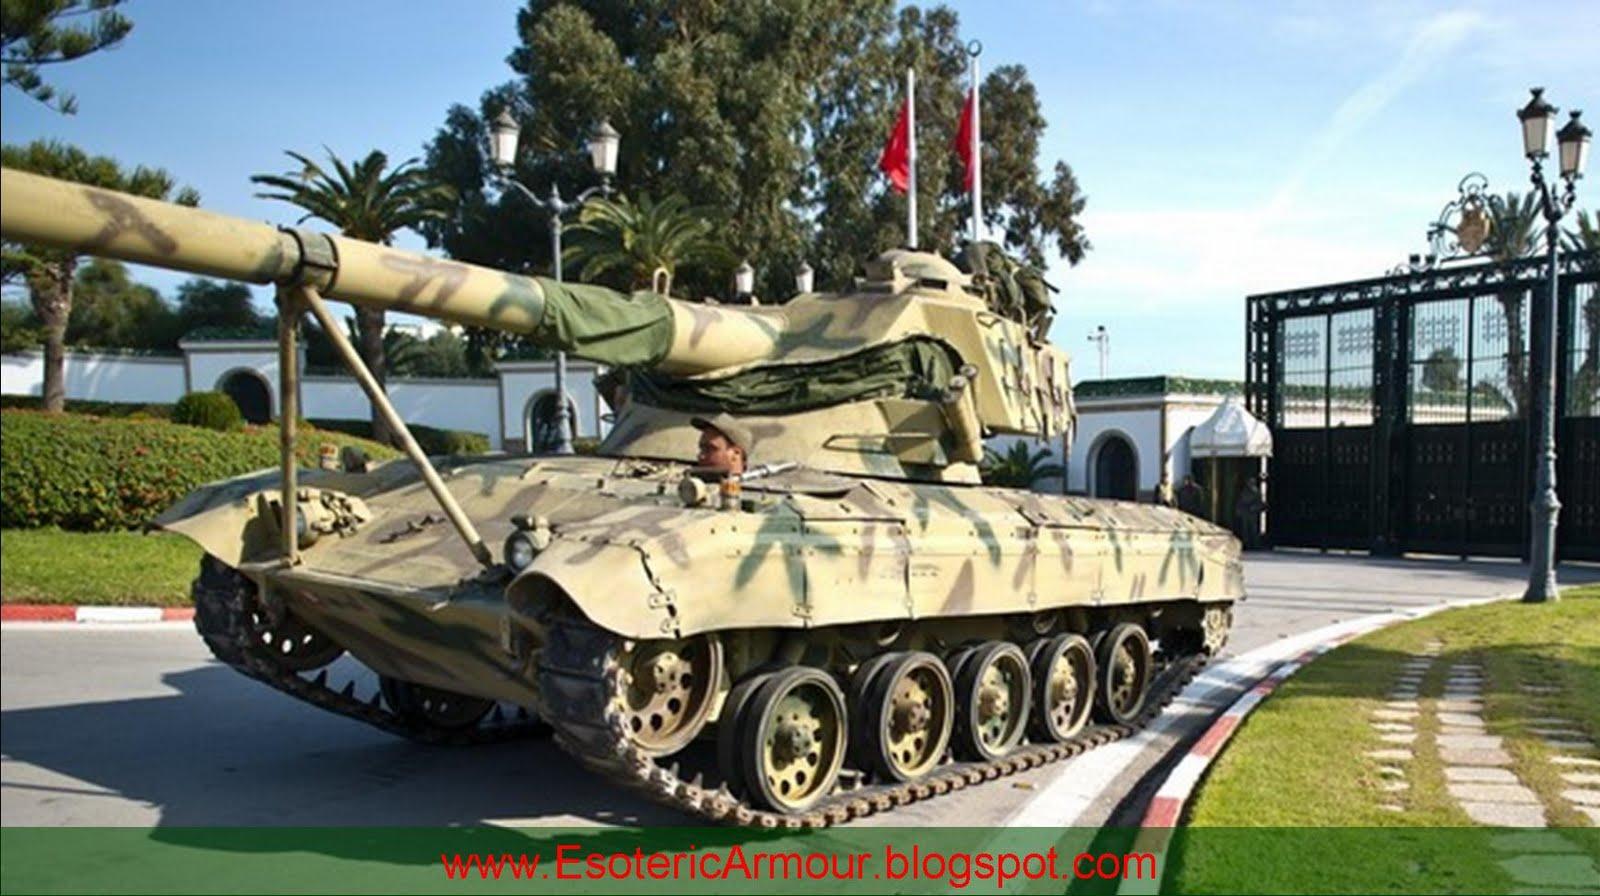 ابني جيشك الخاص بأي سلاح تريد  - صفحة 2 EsotericArmour%20dot%20Blogspot%20Tunisia%20SK105%20C